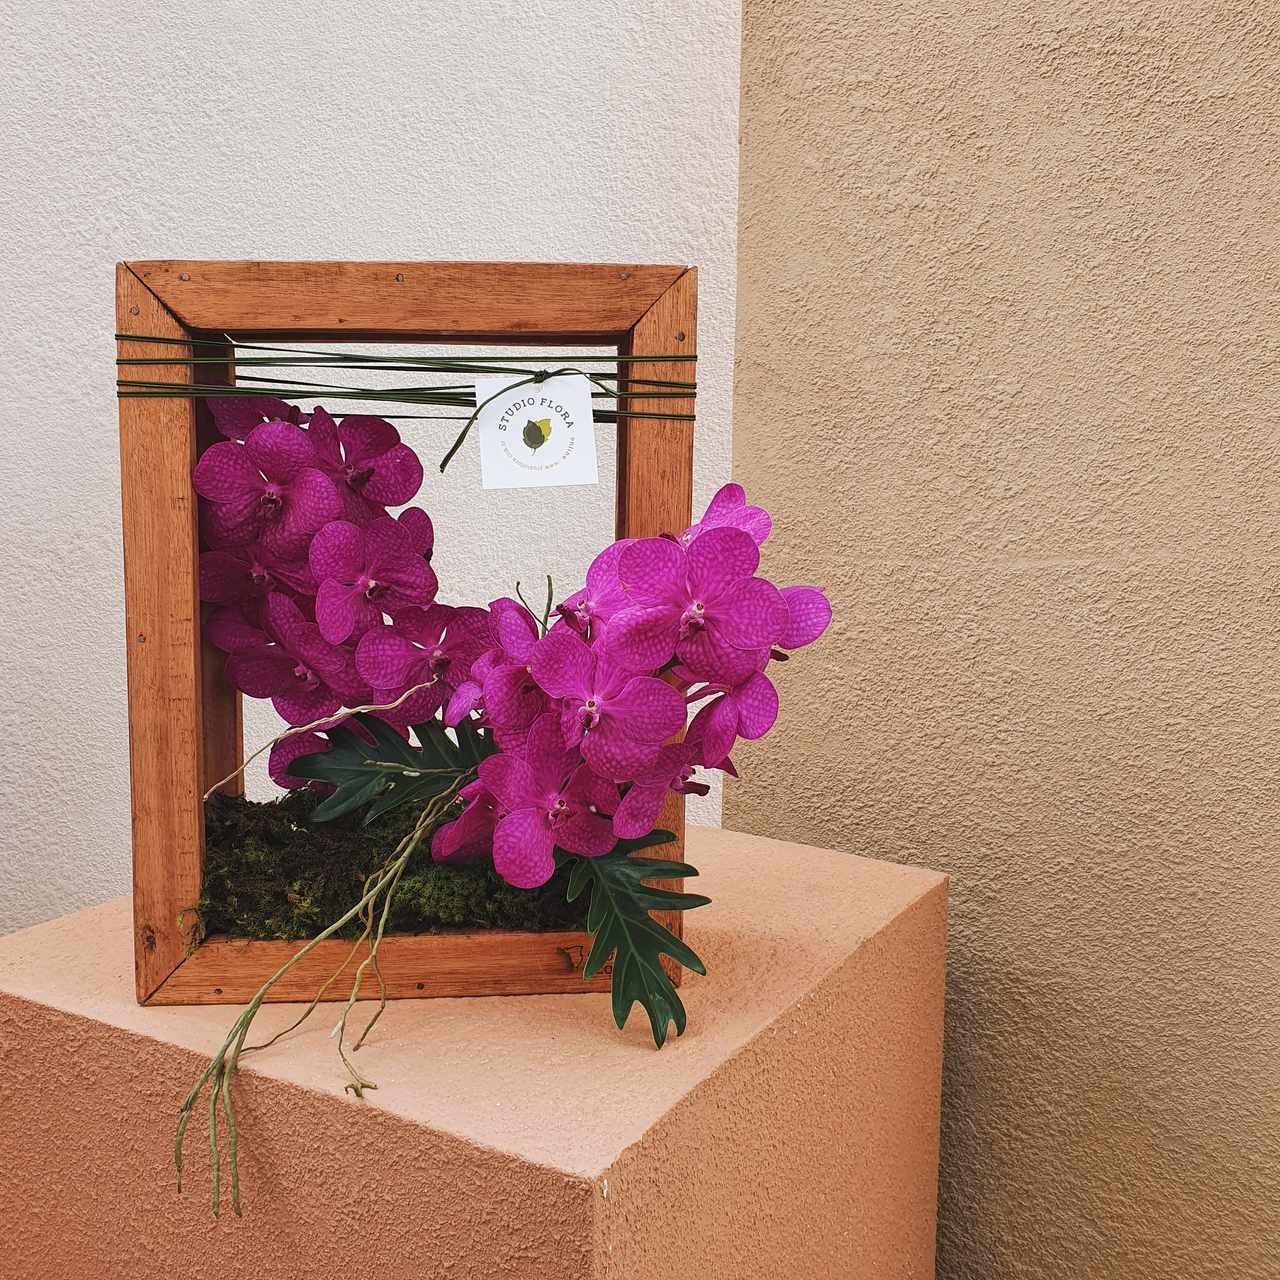 Quadro Vivo com Orquídeas